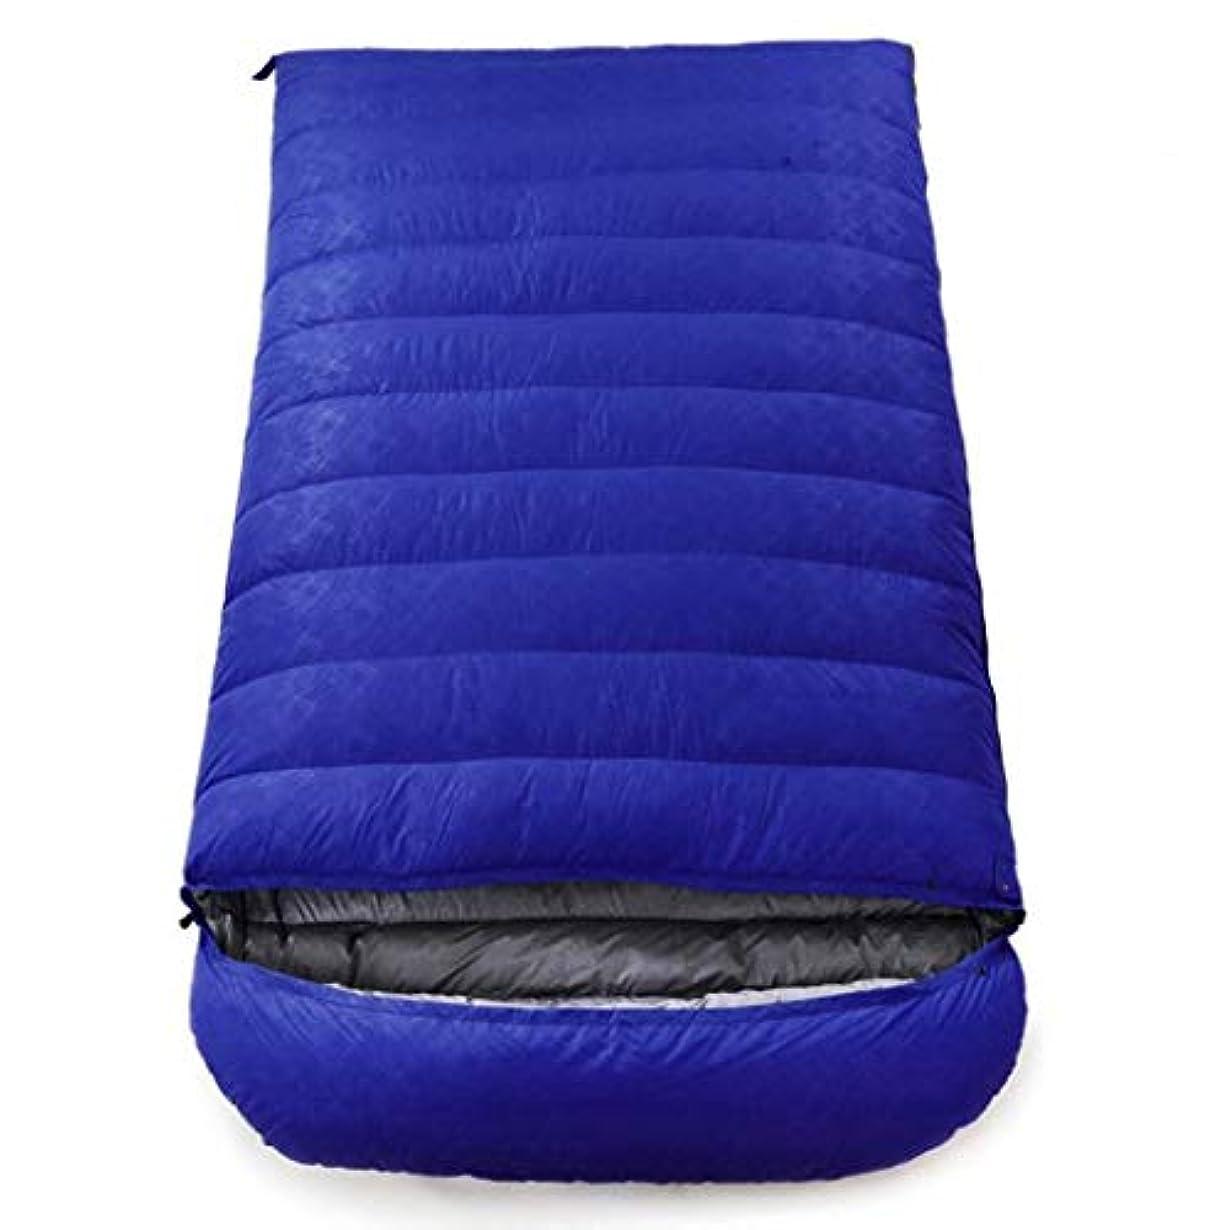 変換詳細にを必要としていますアウトドアアダルトキャンプ用寝袋フォーシーズン登山封筒ダブルウルトラライトダウン寝袋